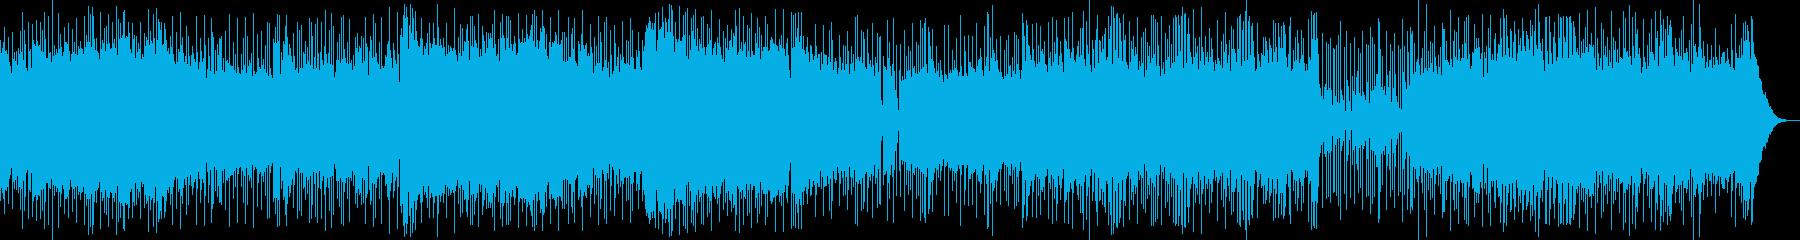 落ち着きながらも力強いポップ・ロックの再生済みの波形